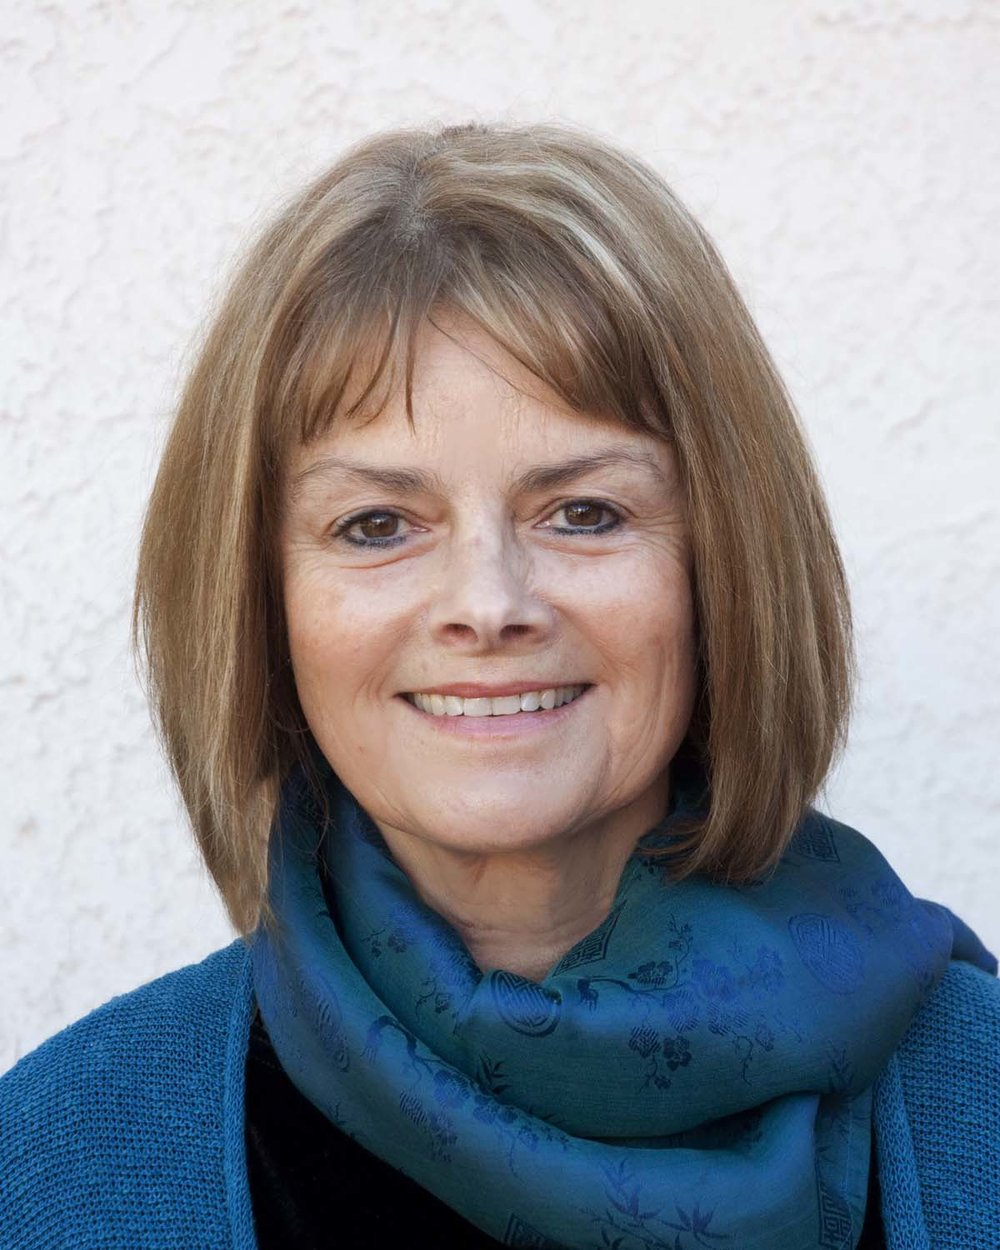 Susan Plummer, PhD